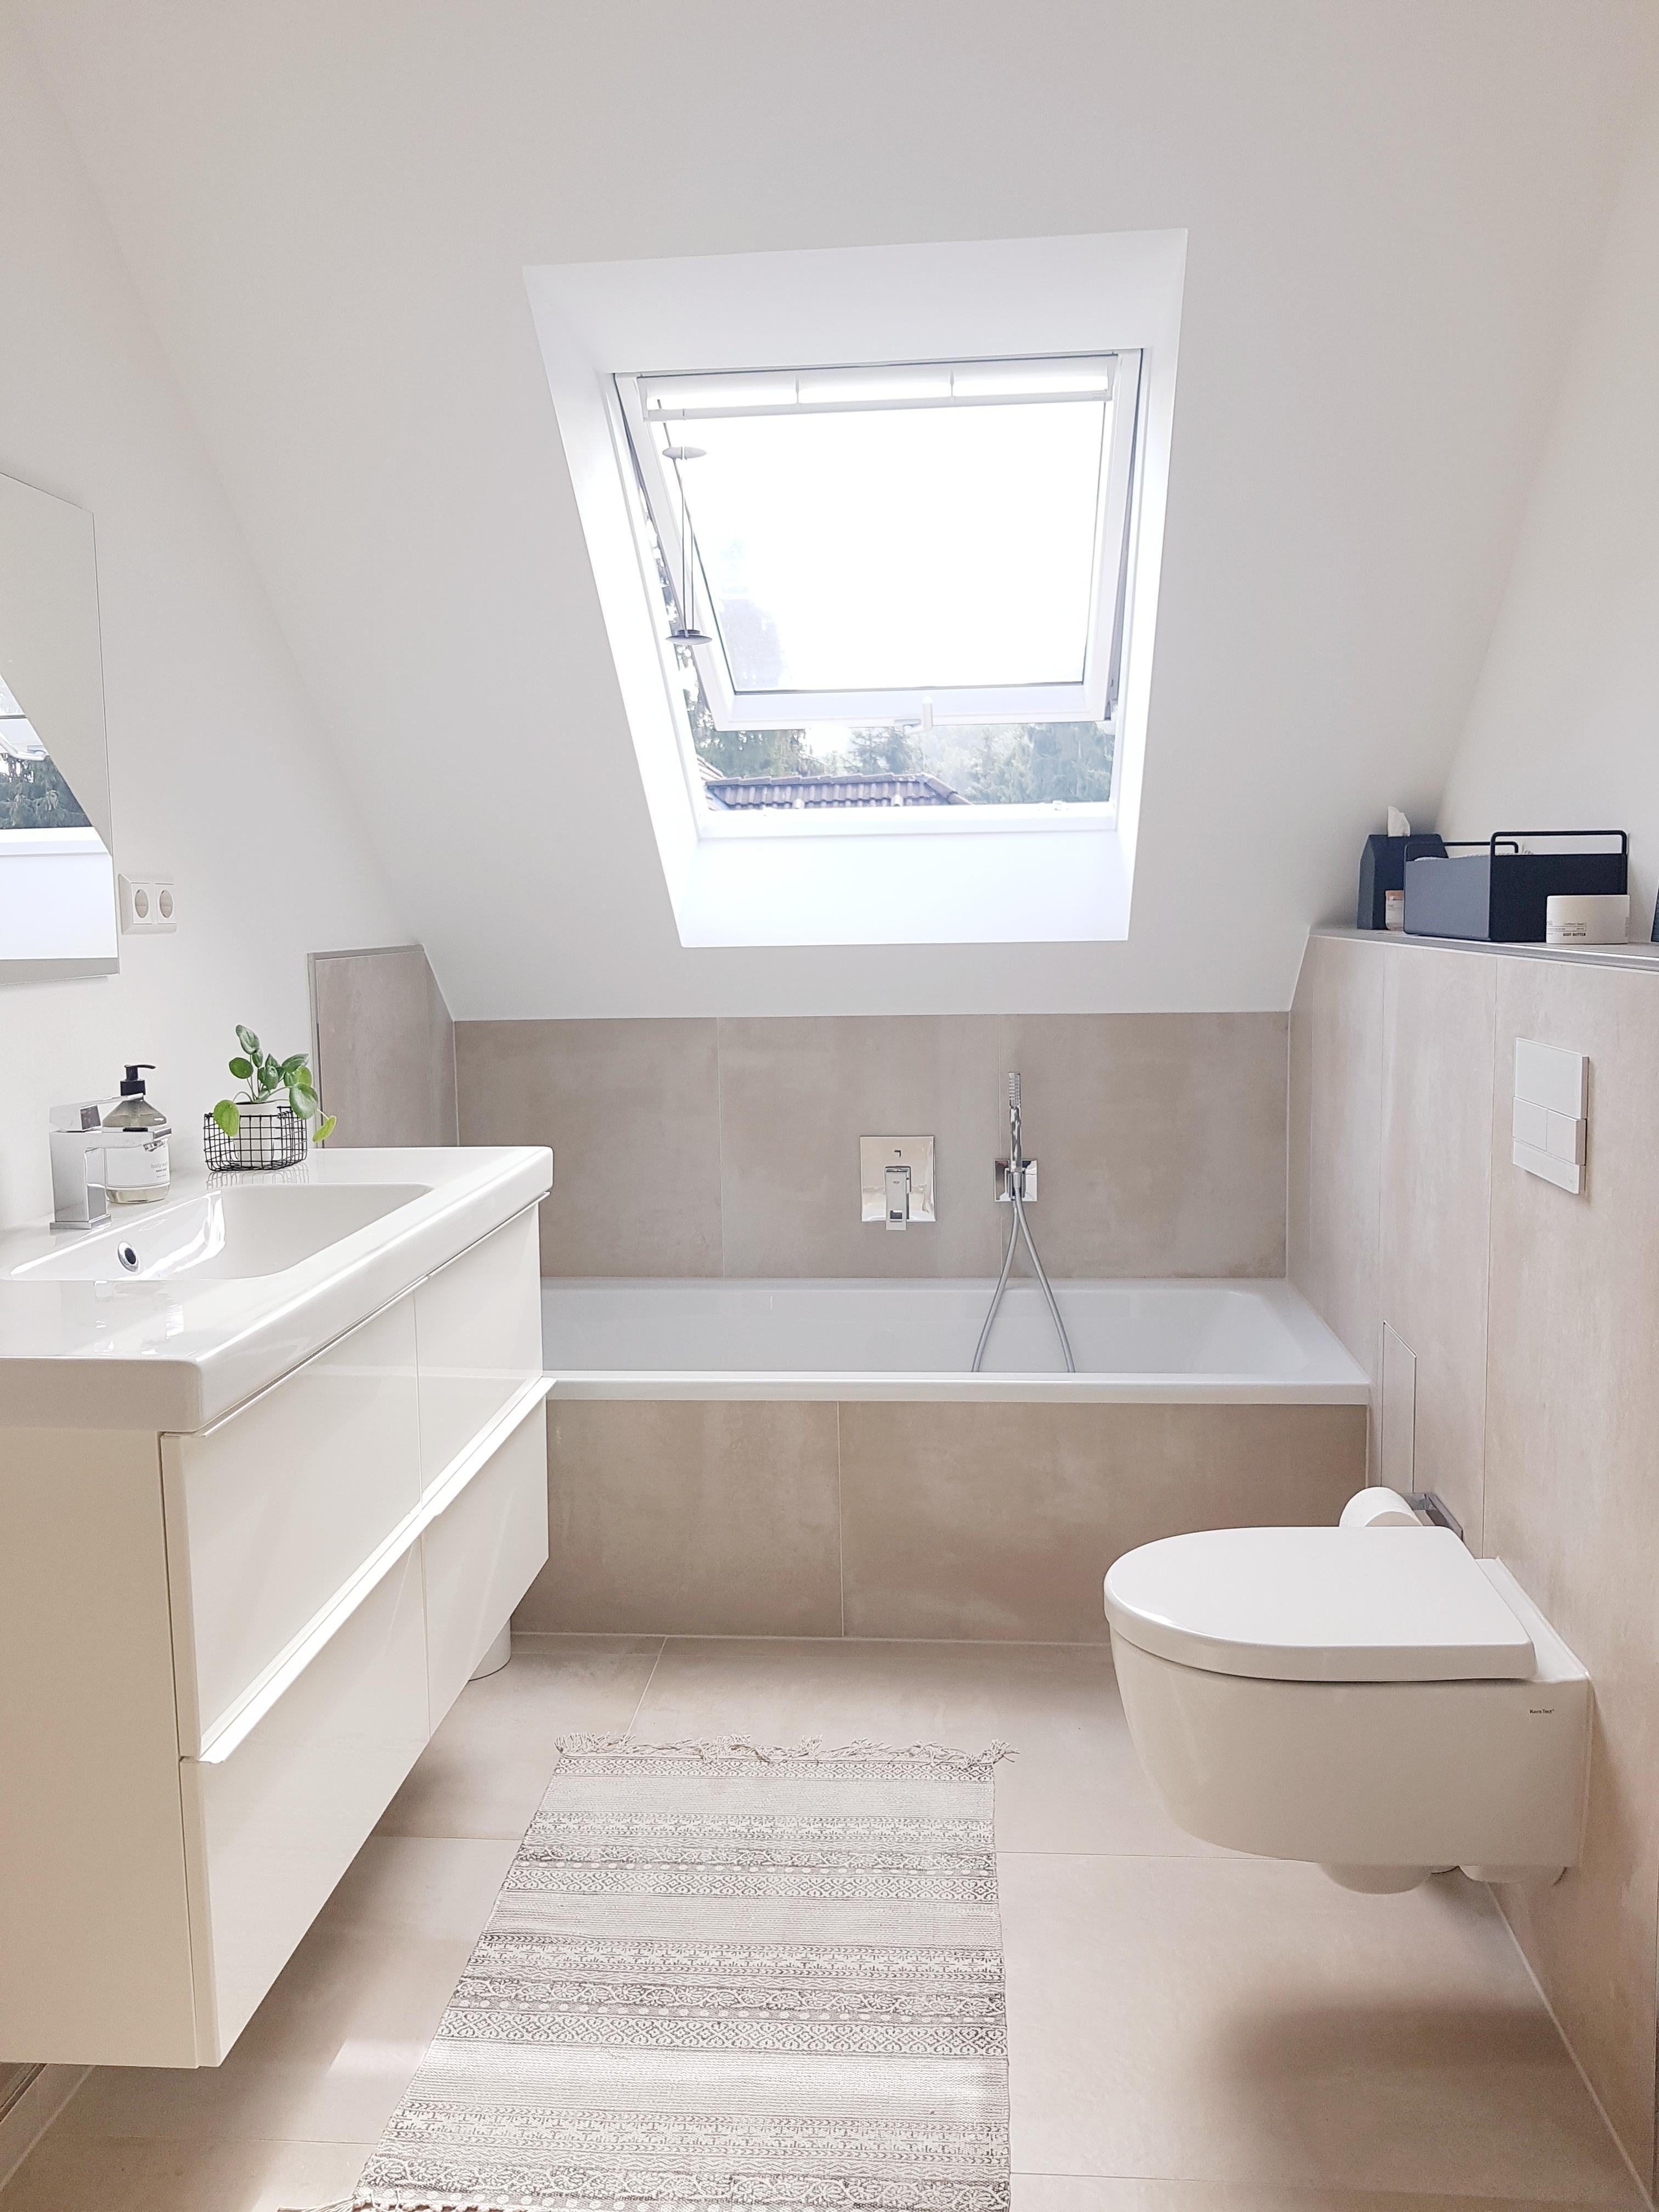 Unser renoviertes Badezimmer #badezimmer #bathroomde... - My Blog, #Badezimmer #bathroomde #...